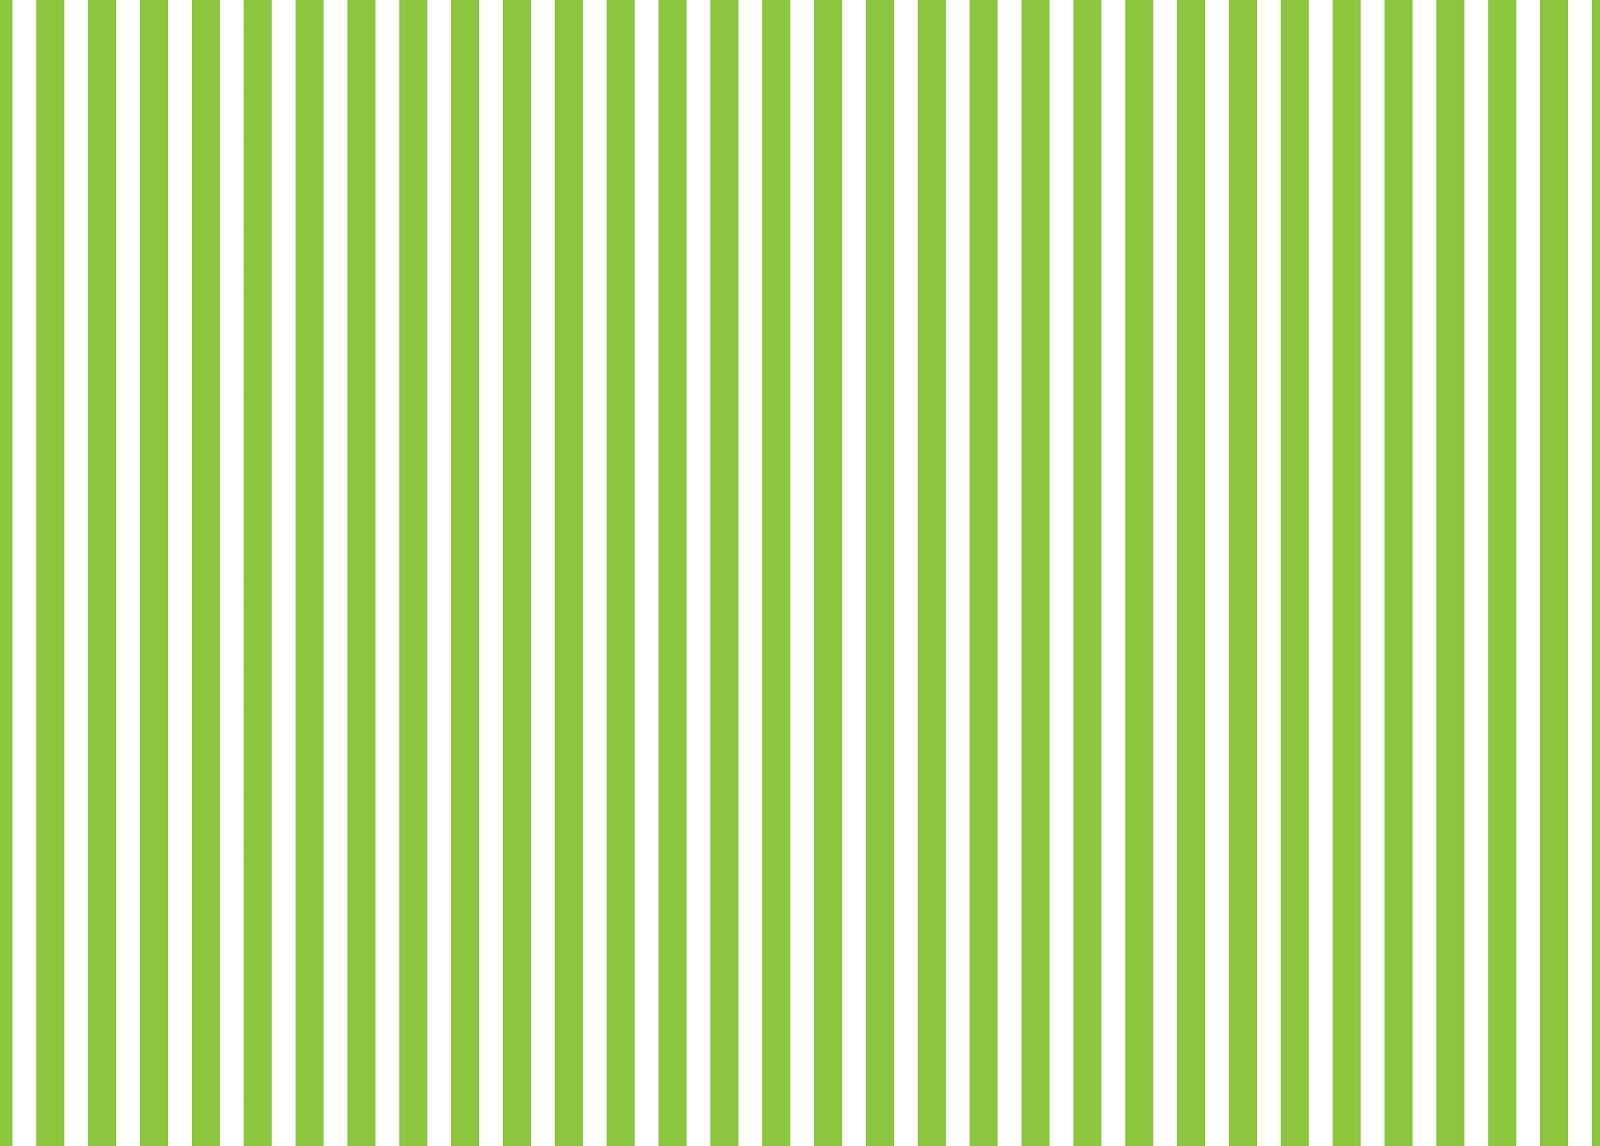 Sage Green Blog Background 1600x1146